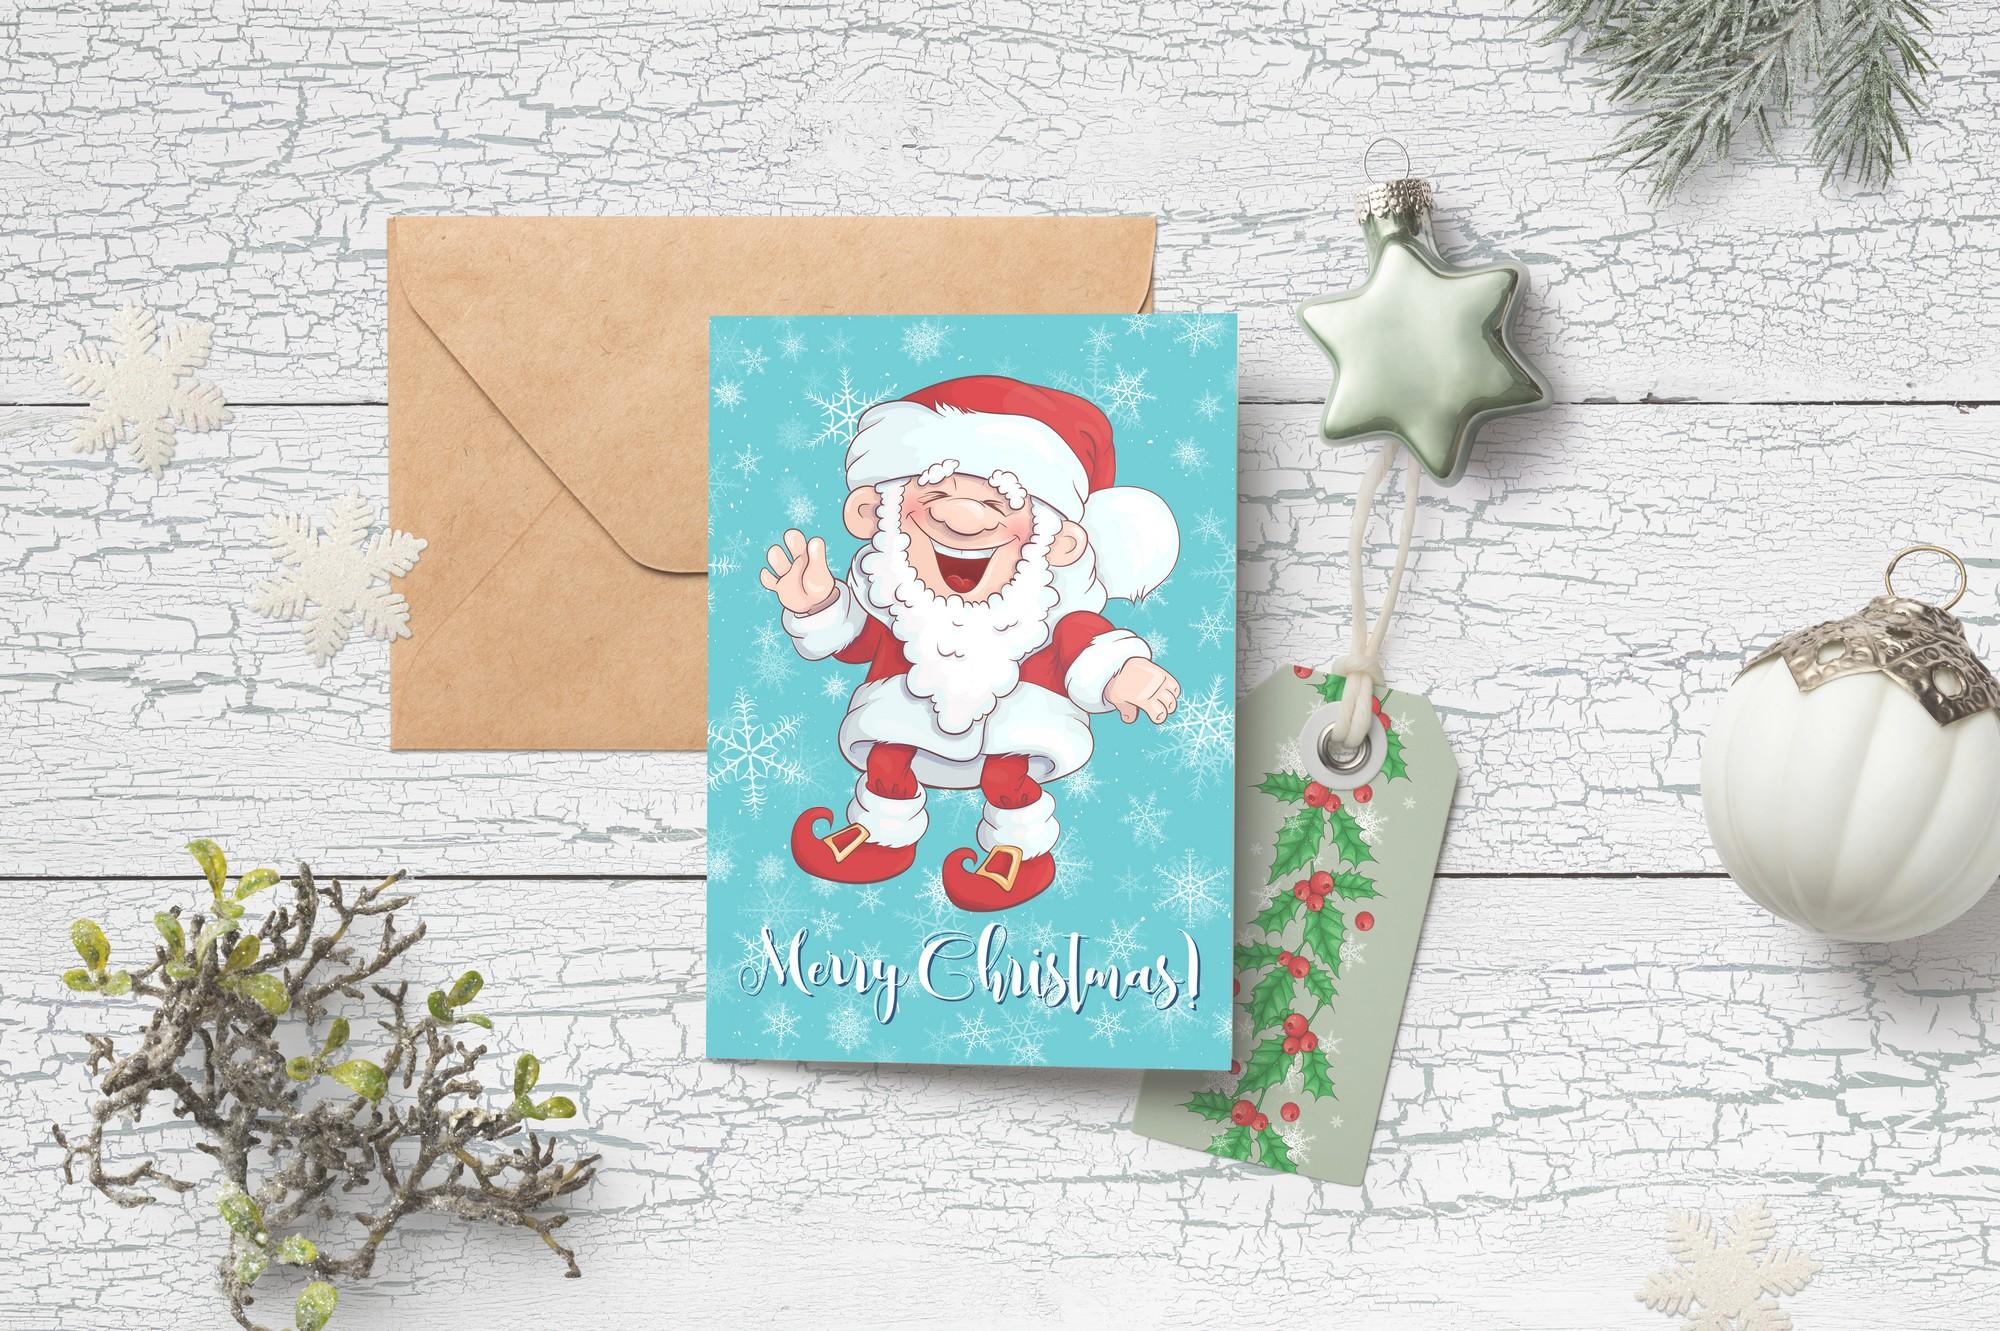 Merry Christmas Graphics Bundle - Image00009